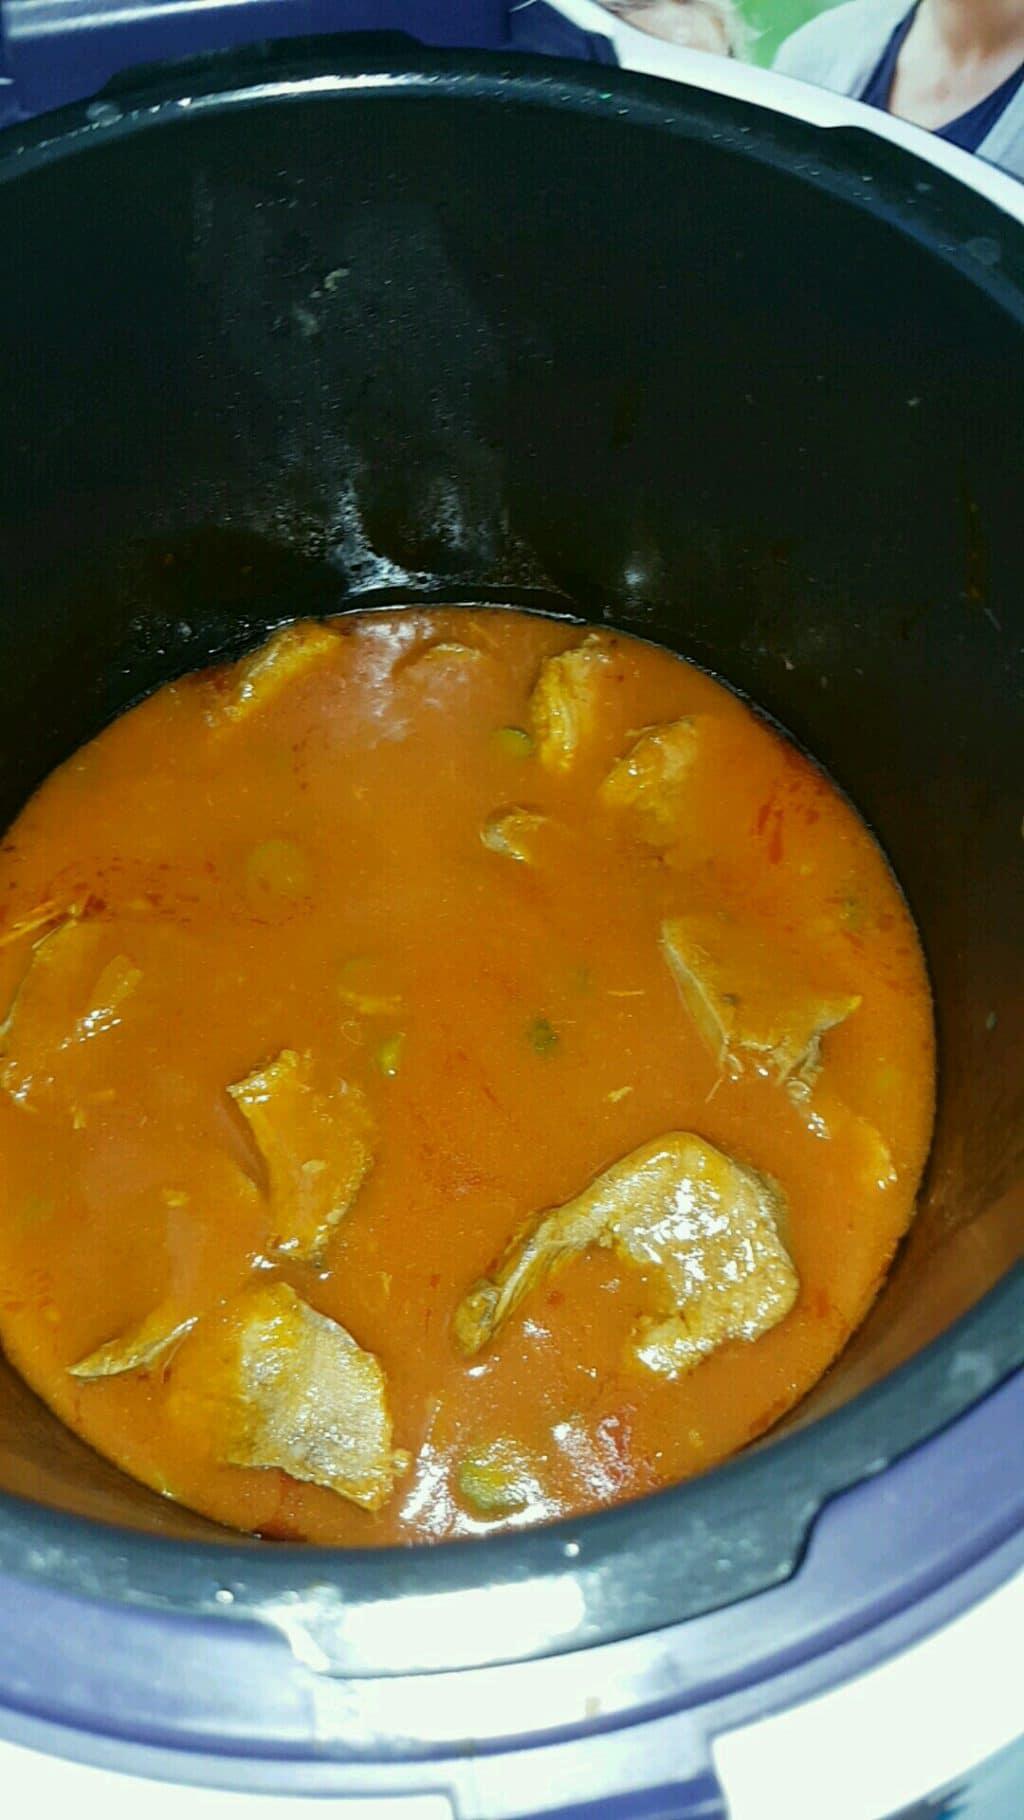 Langue de b uf sauce tomate cornichon recettes cookeo - Comment cuisiner la langue de boeuf ...